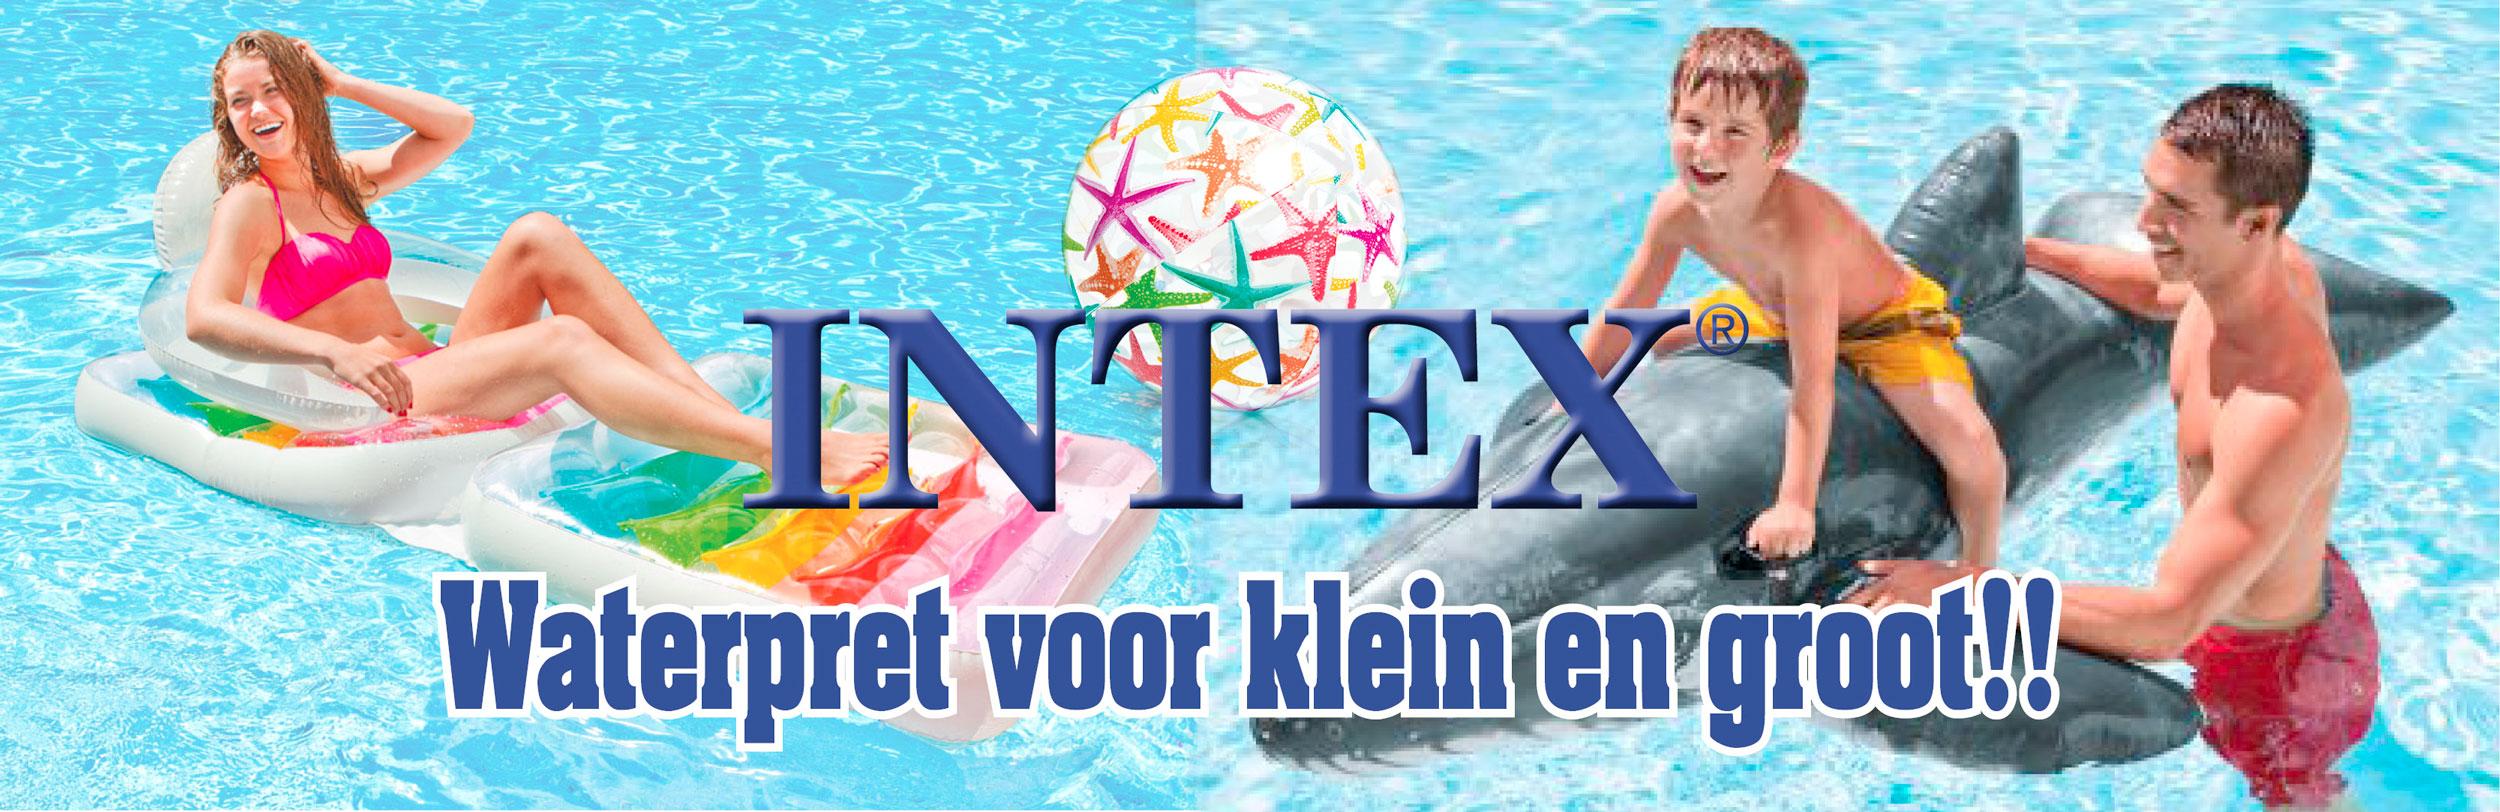 Intex Waterpret voor klein en groot!!